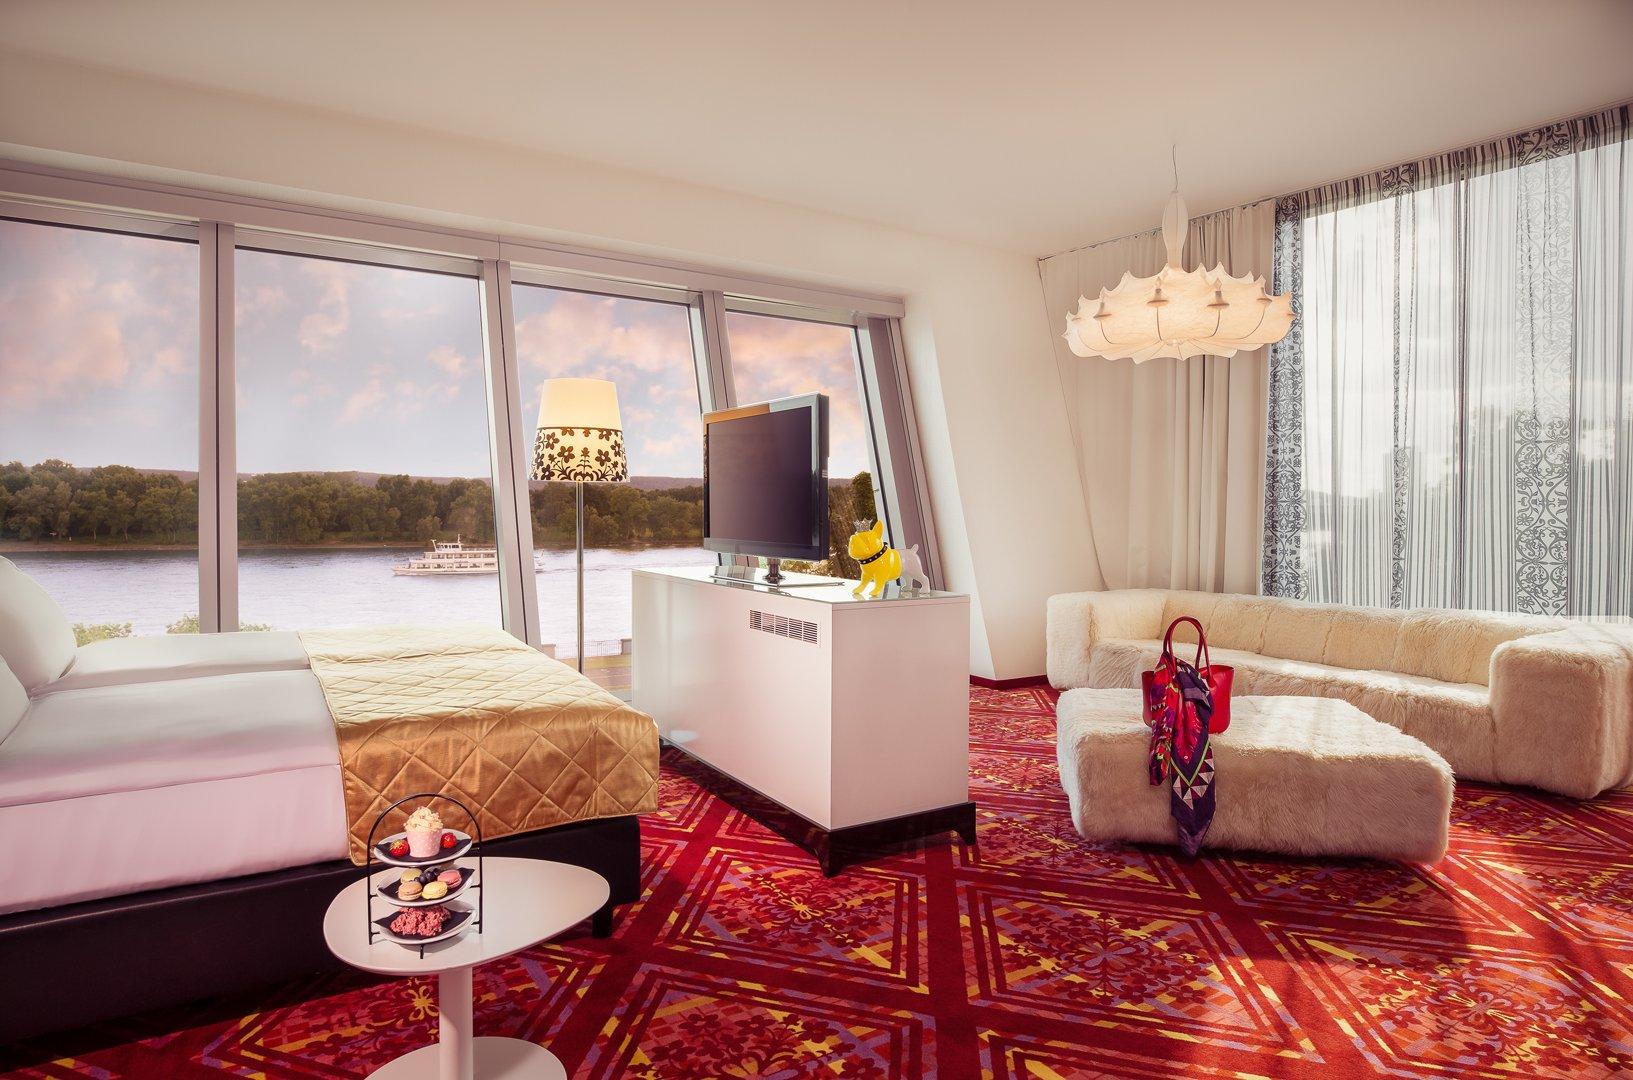 moderne hotels diva suite kameha grand bonn. Black Bedroom Furniture Sets. Home Design Ideas